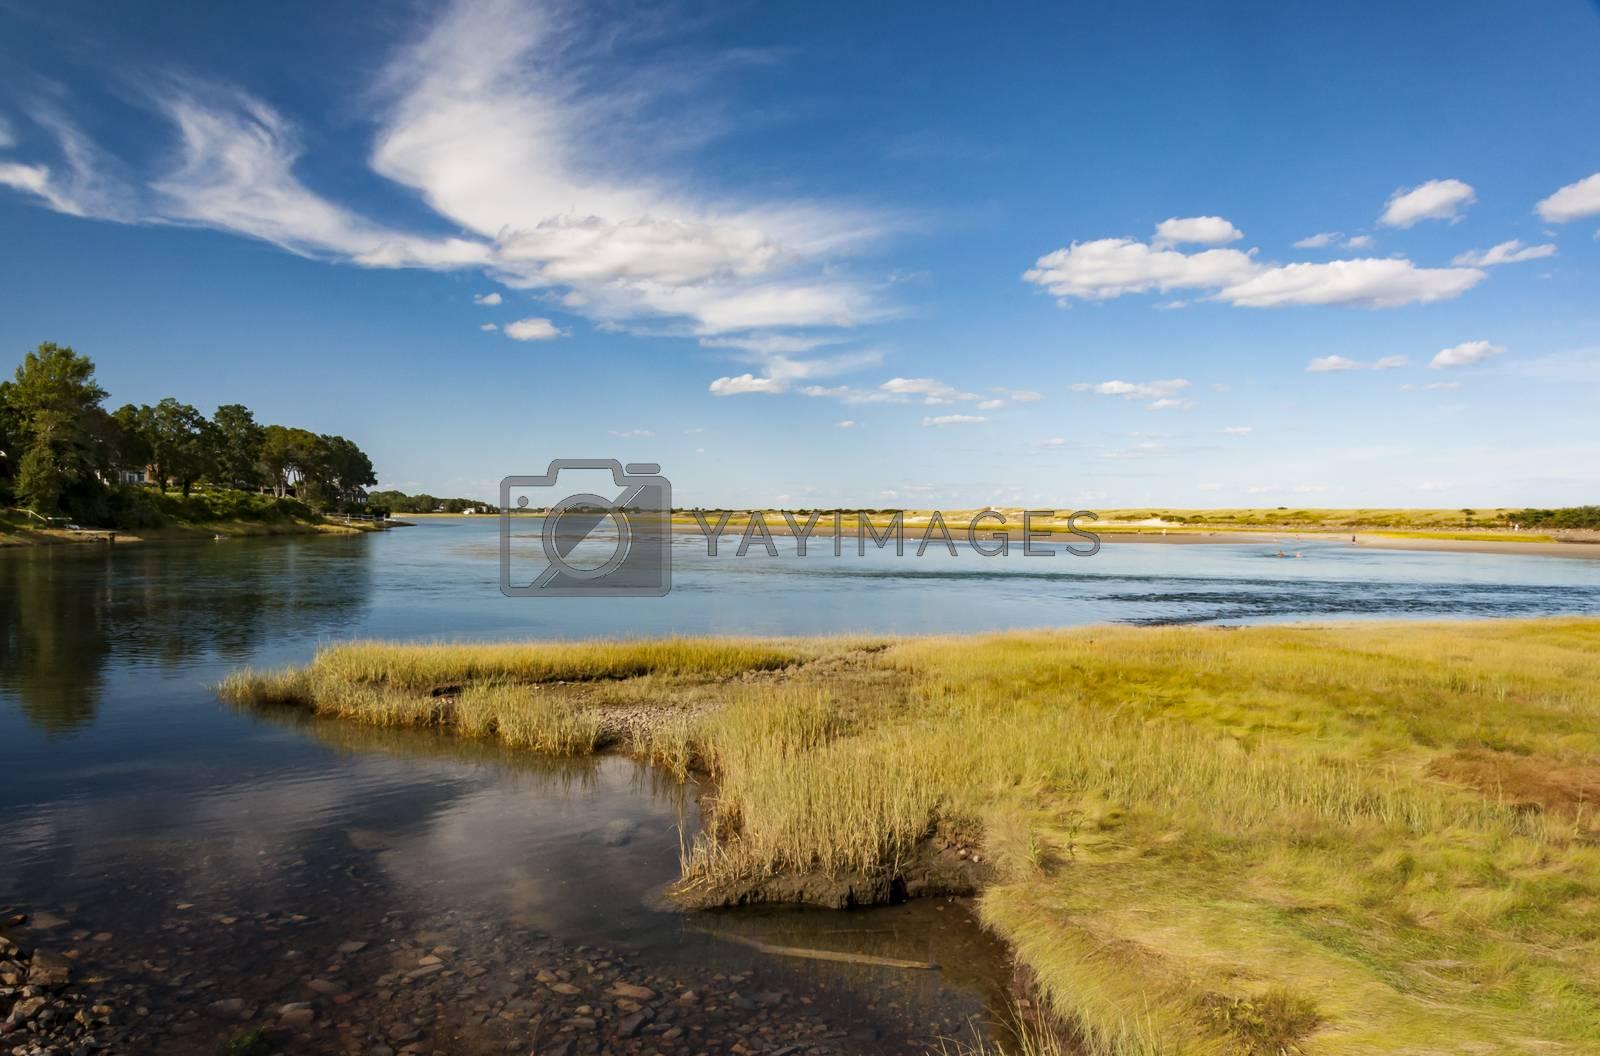 The north Atlantic Ocean coast in Ogunquit, Maine USA